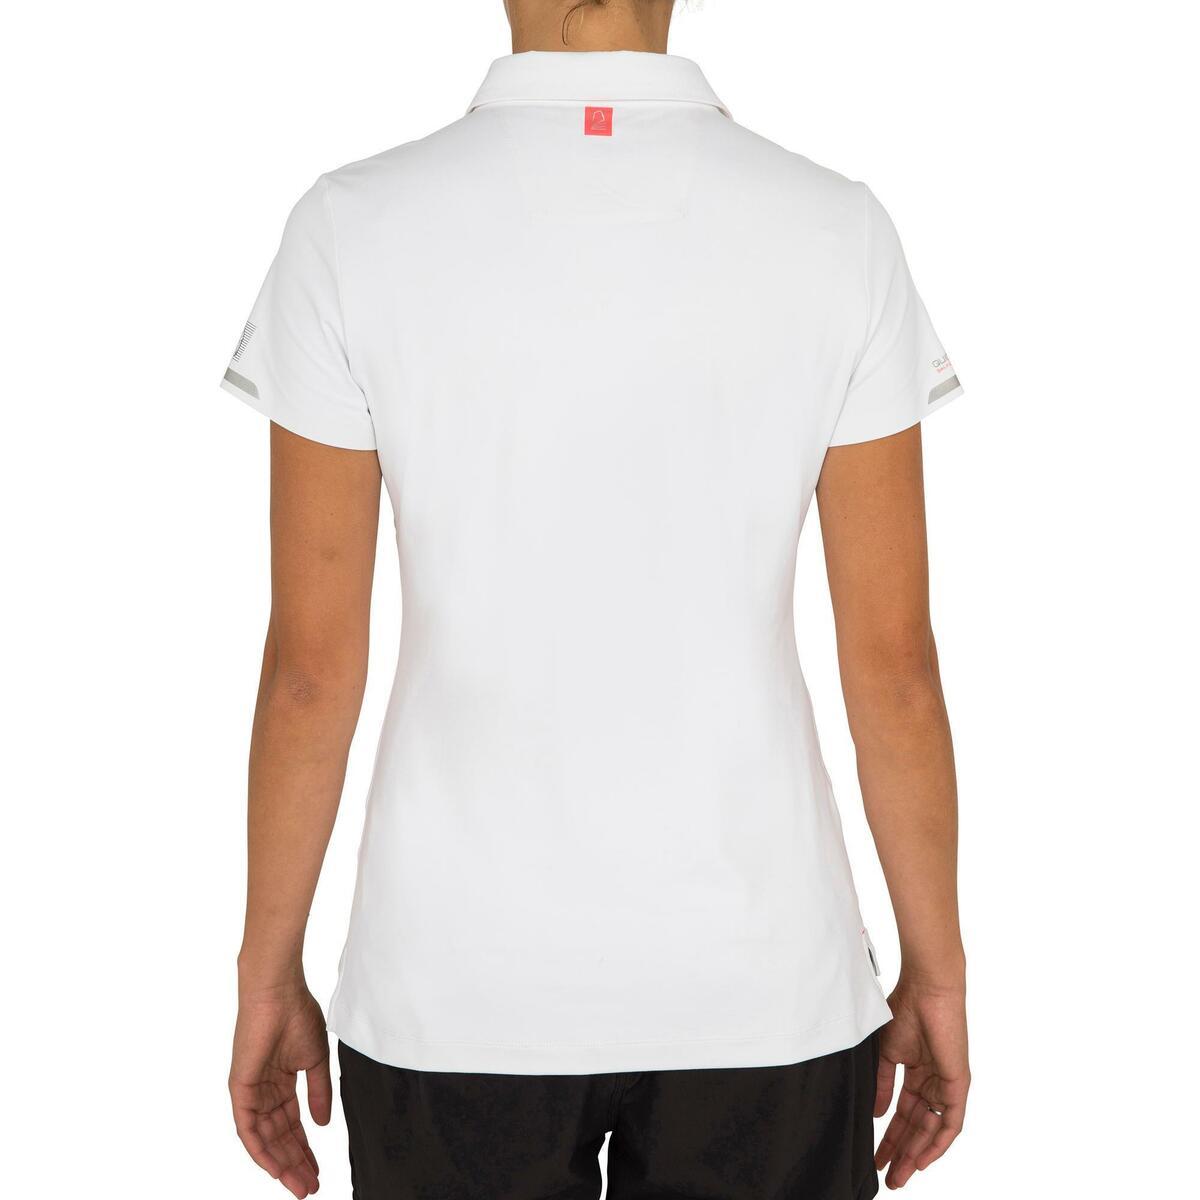 Bild 4 von Poloshirt kurzarm Segeln Race Damen weiß